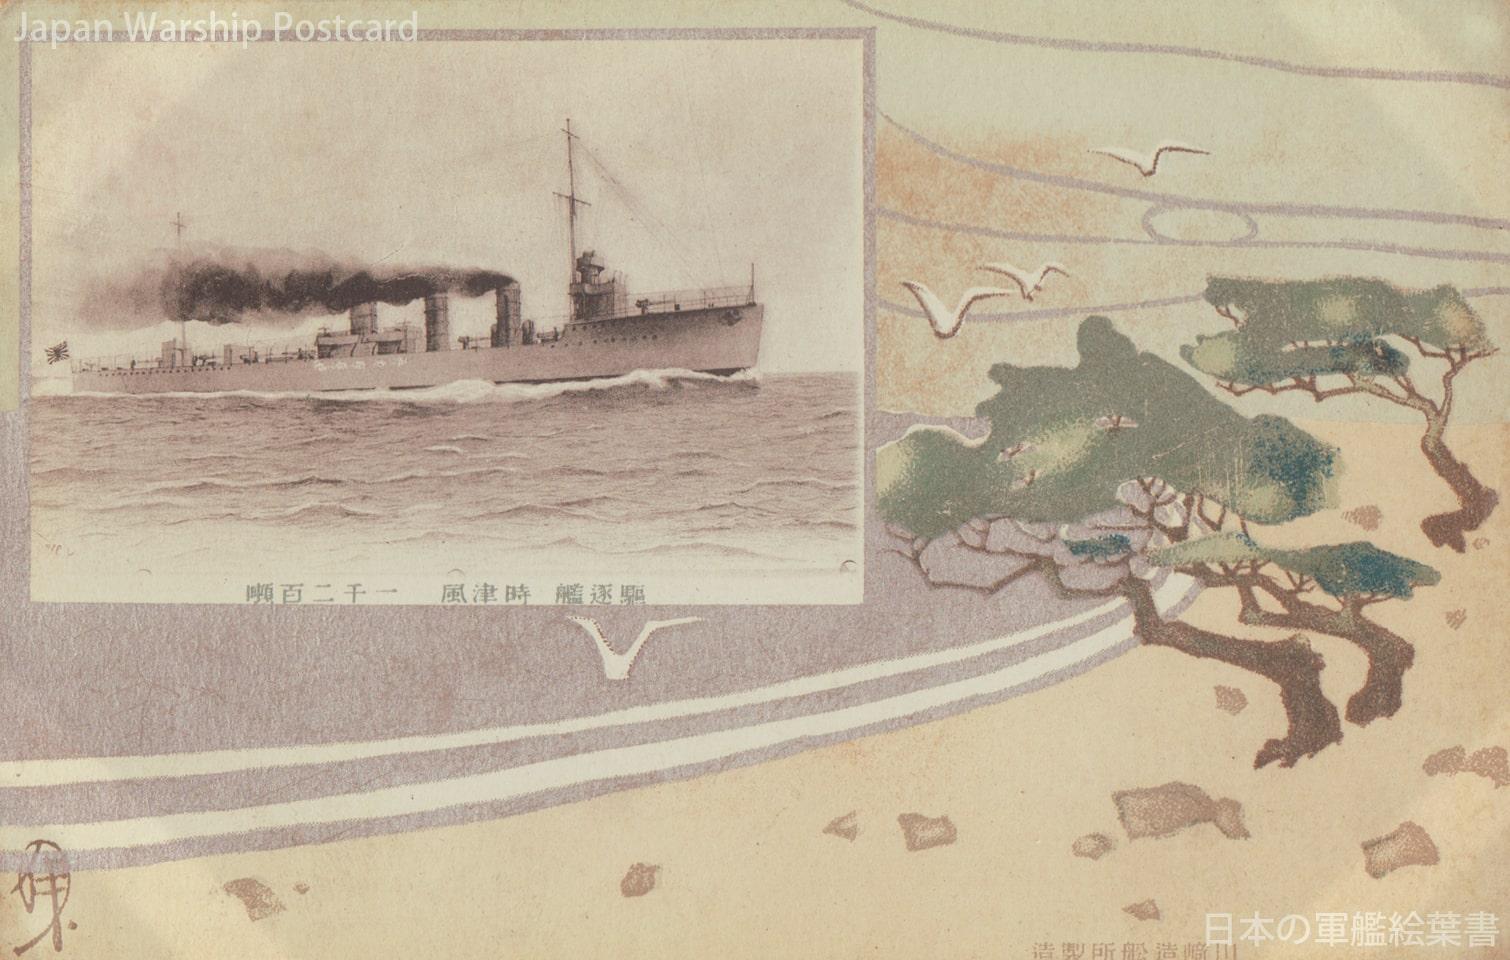 磯風型駆逐艦「時津風」